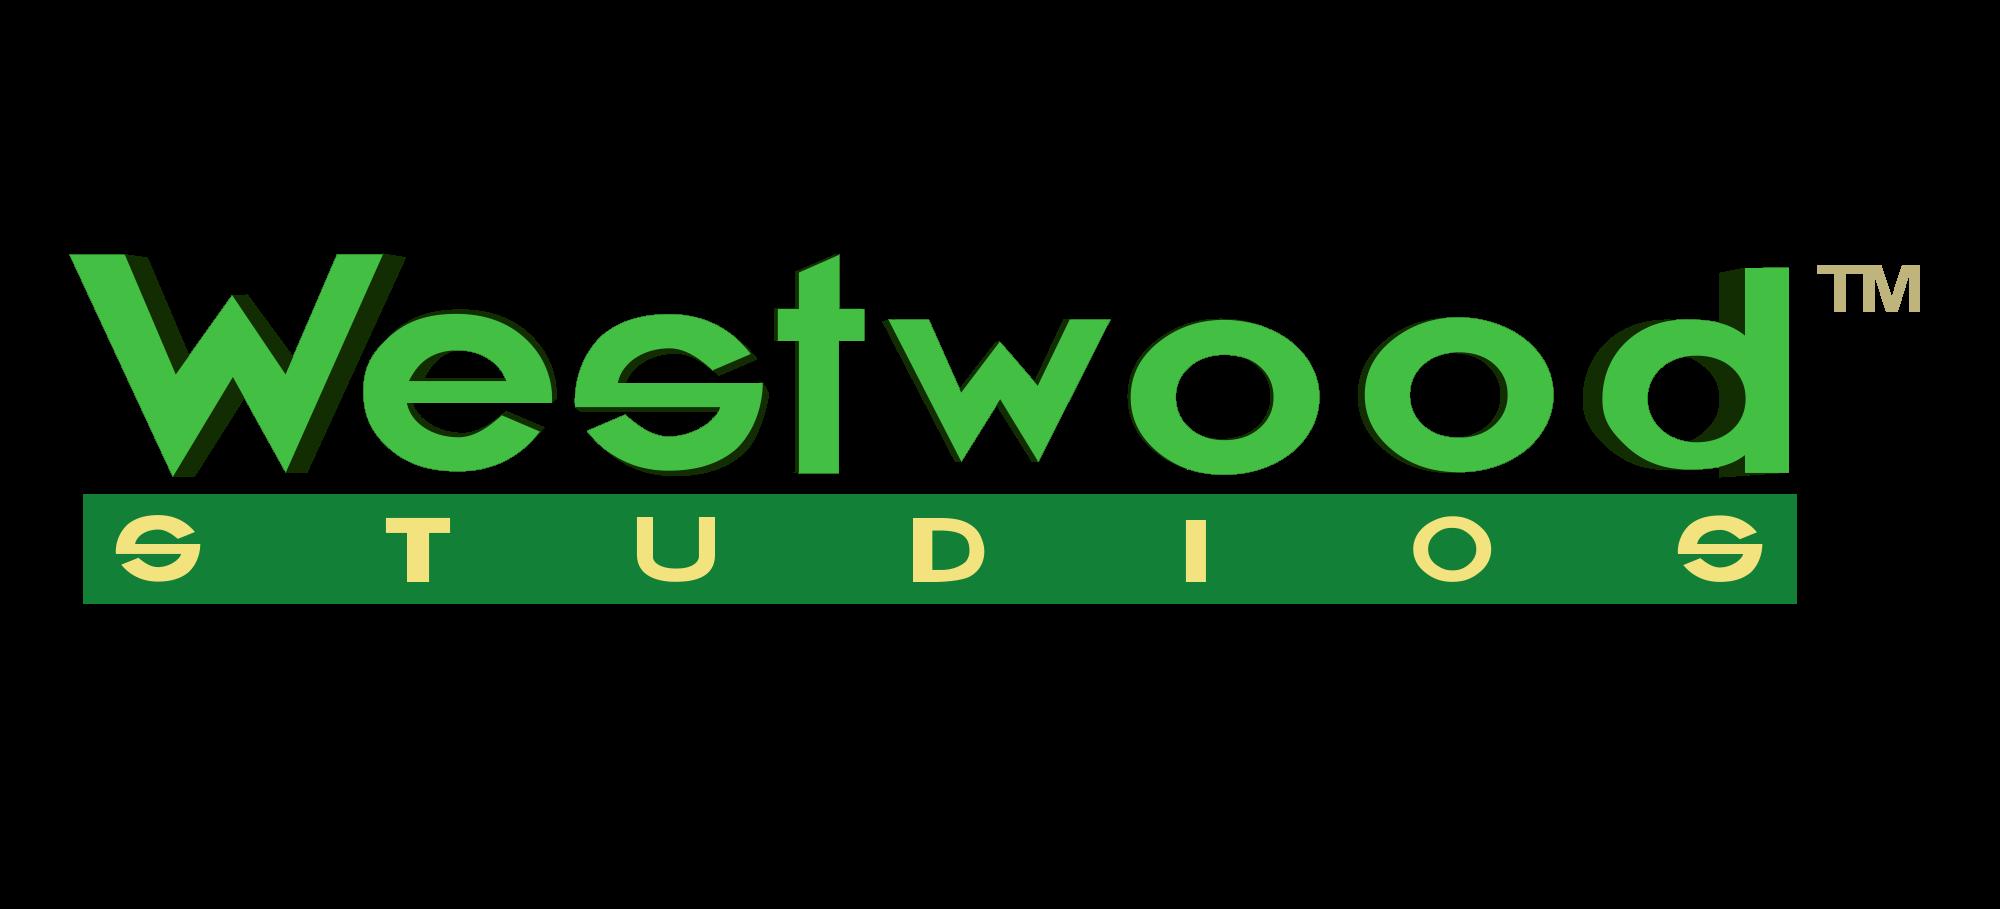 Westwood Logo photo - 1